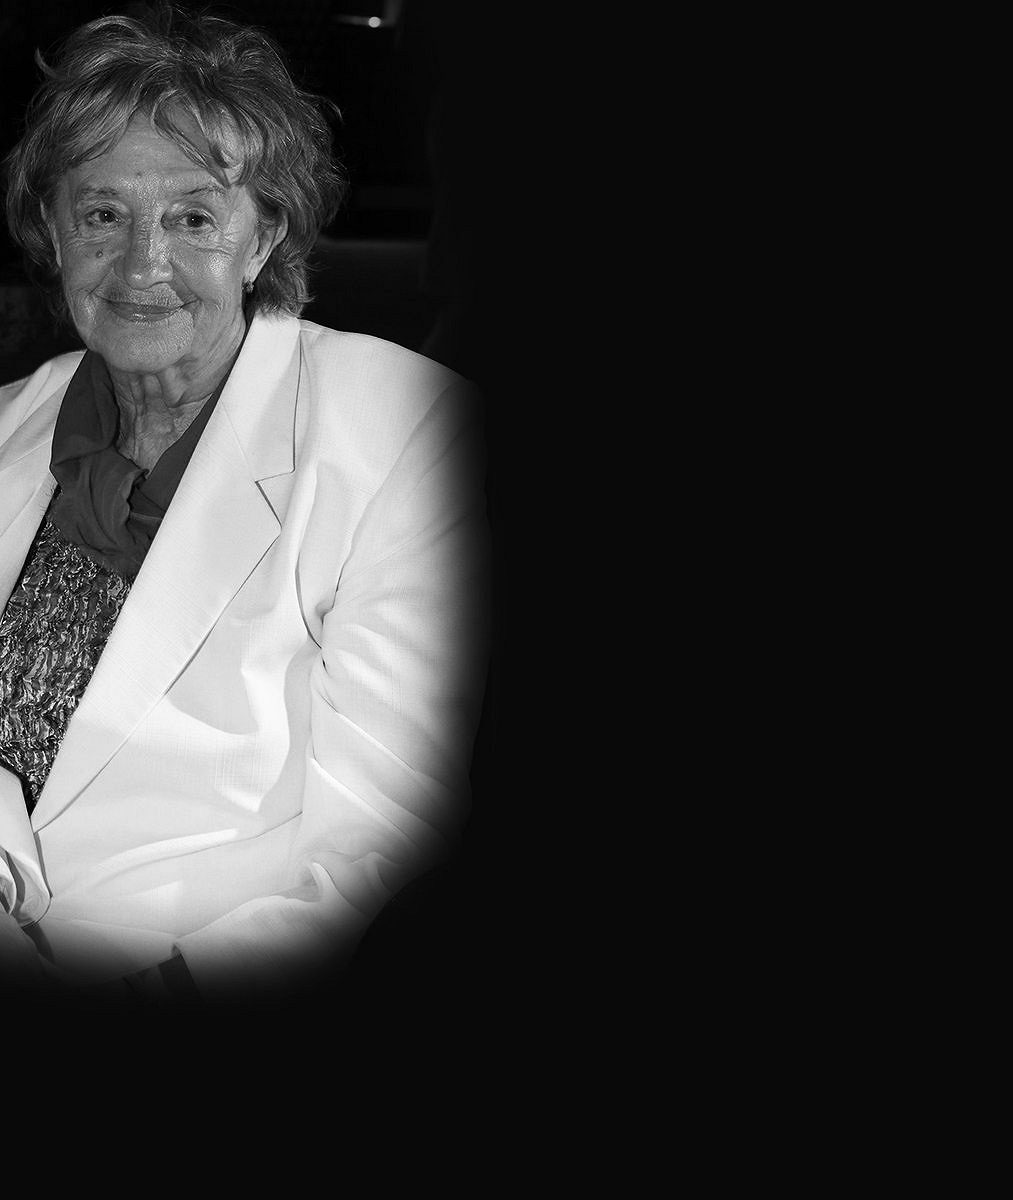 Pohřeb Niny Divíškové (✝84): Jan Kačer dojemně zavzpomínal na milovanou manželku